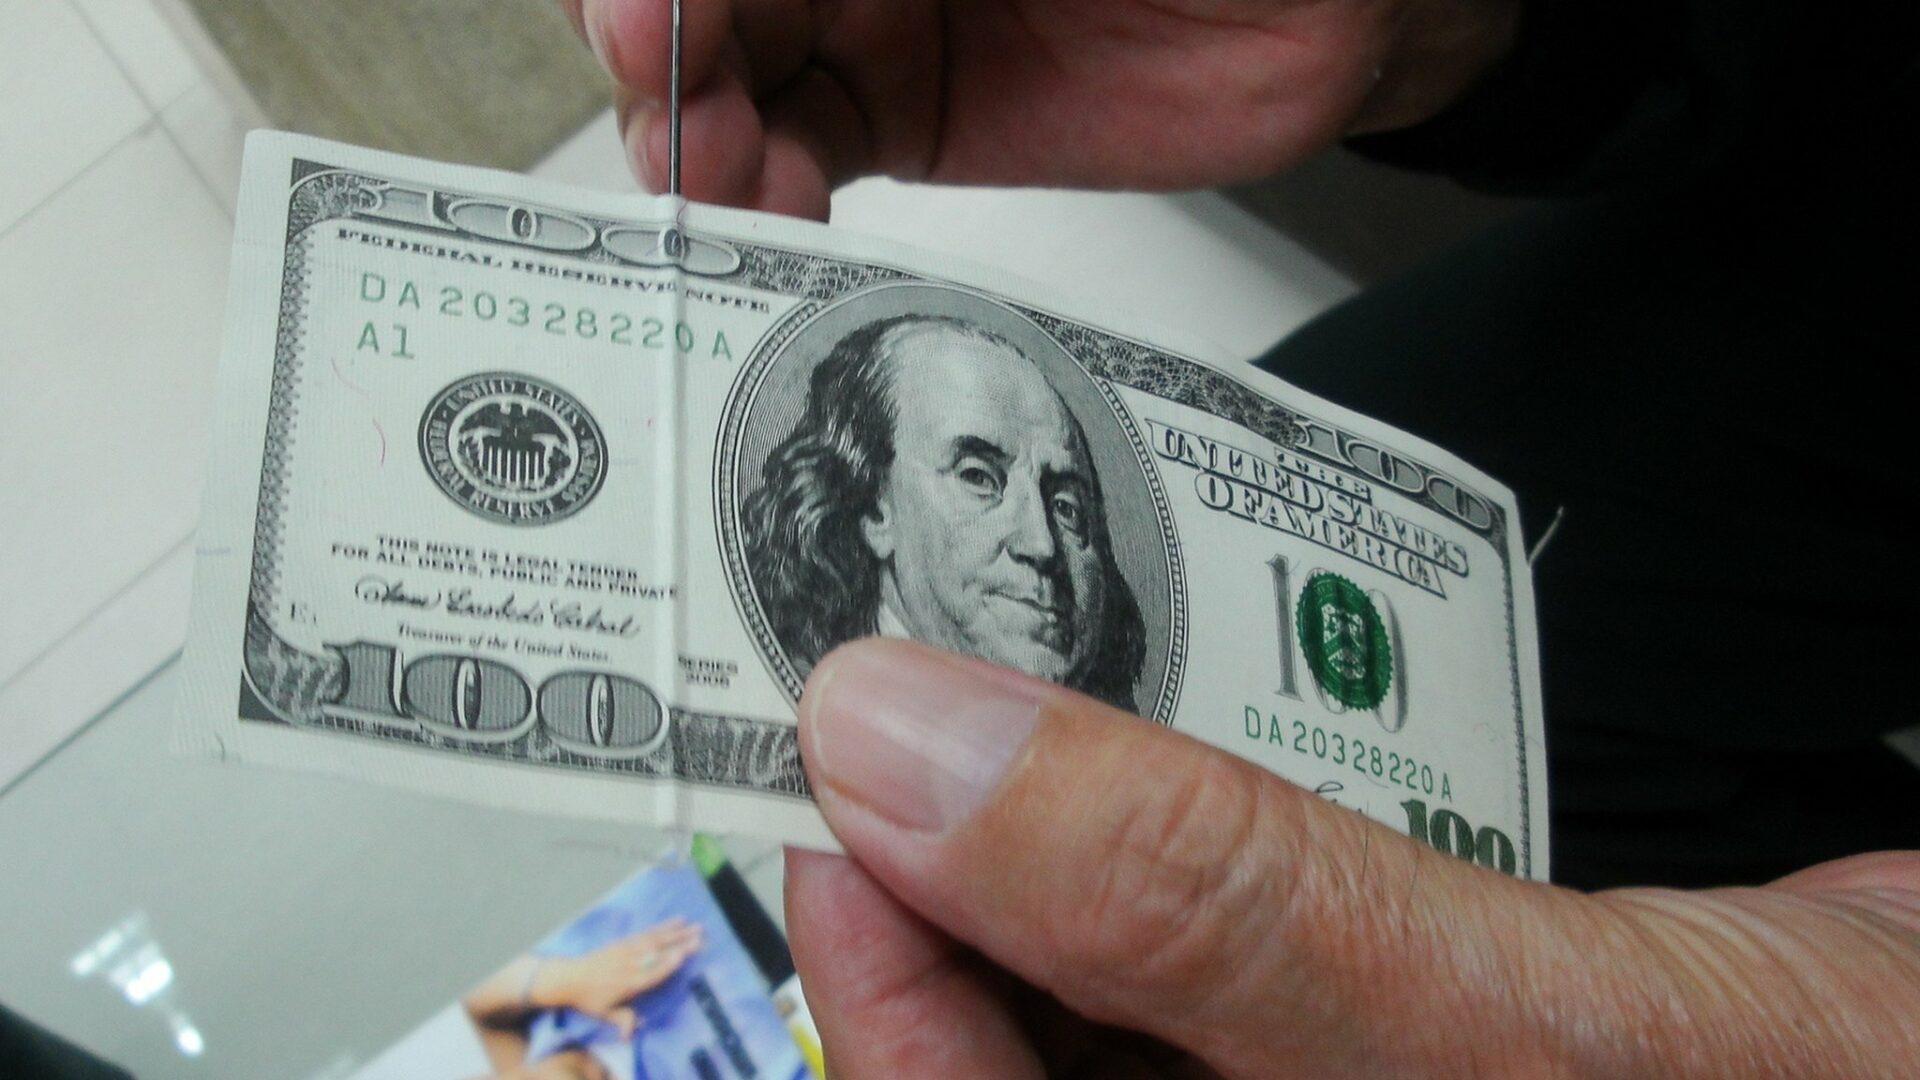 В Йошкар-Оле обнаружили 100 долларов США с признаками подделки